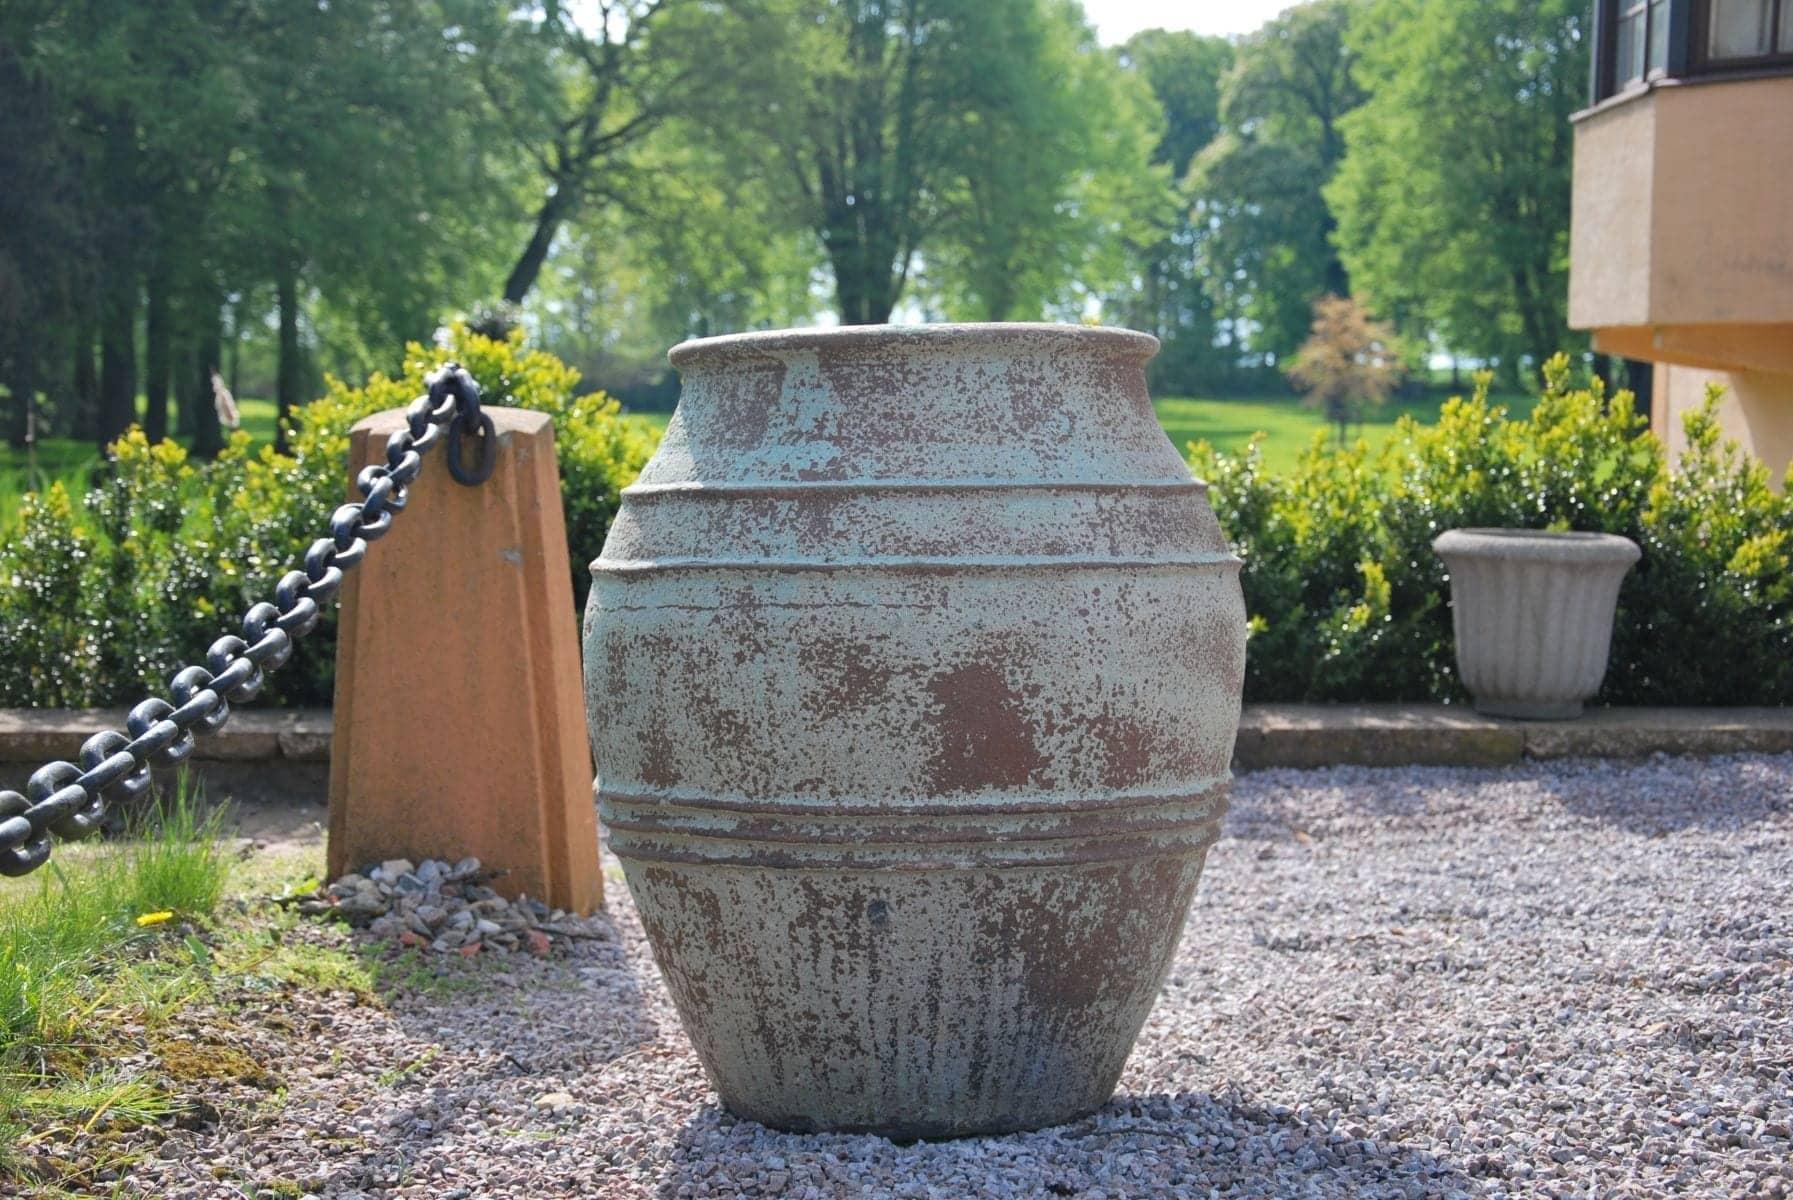 Knossos stora robusta urnor, kärl och krukor Cadabra